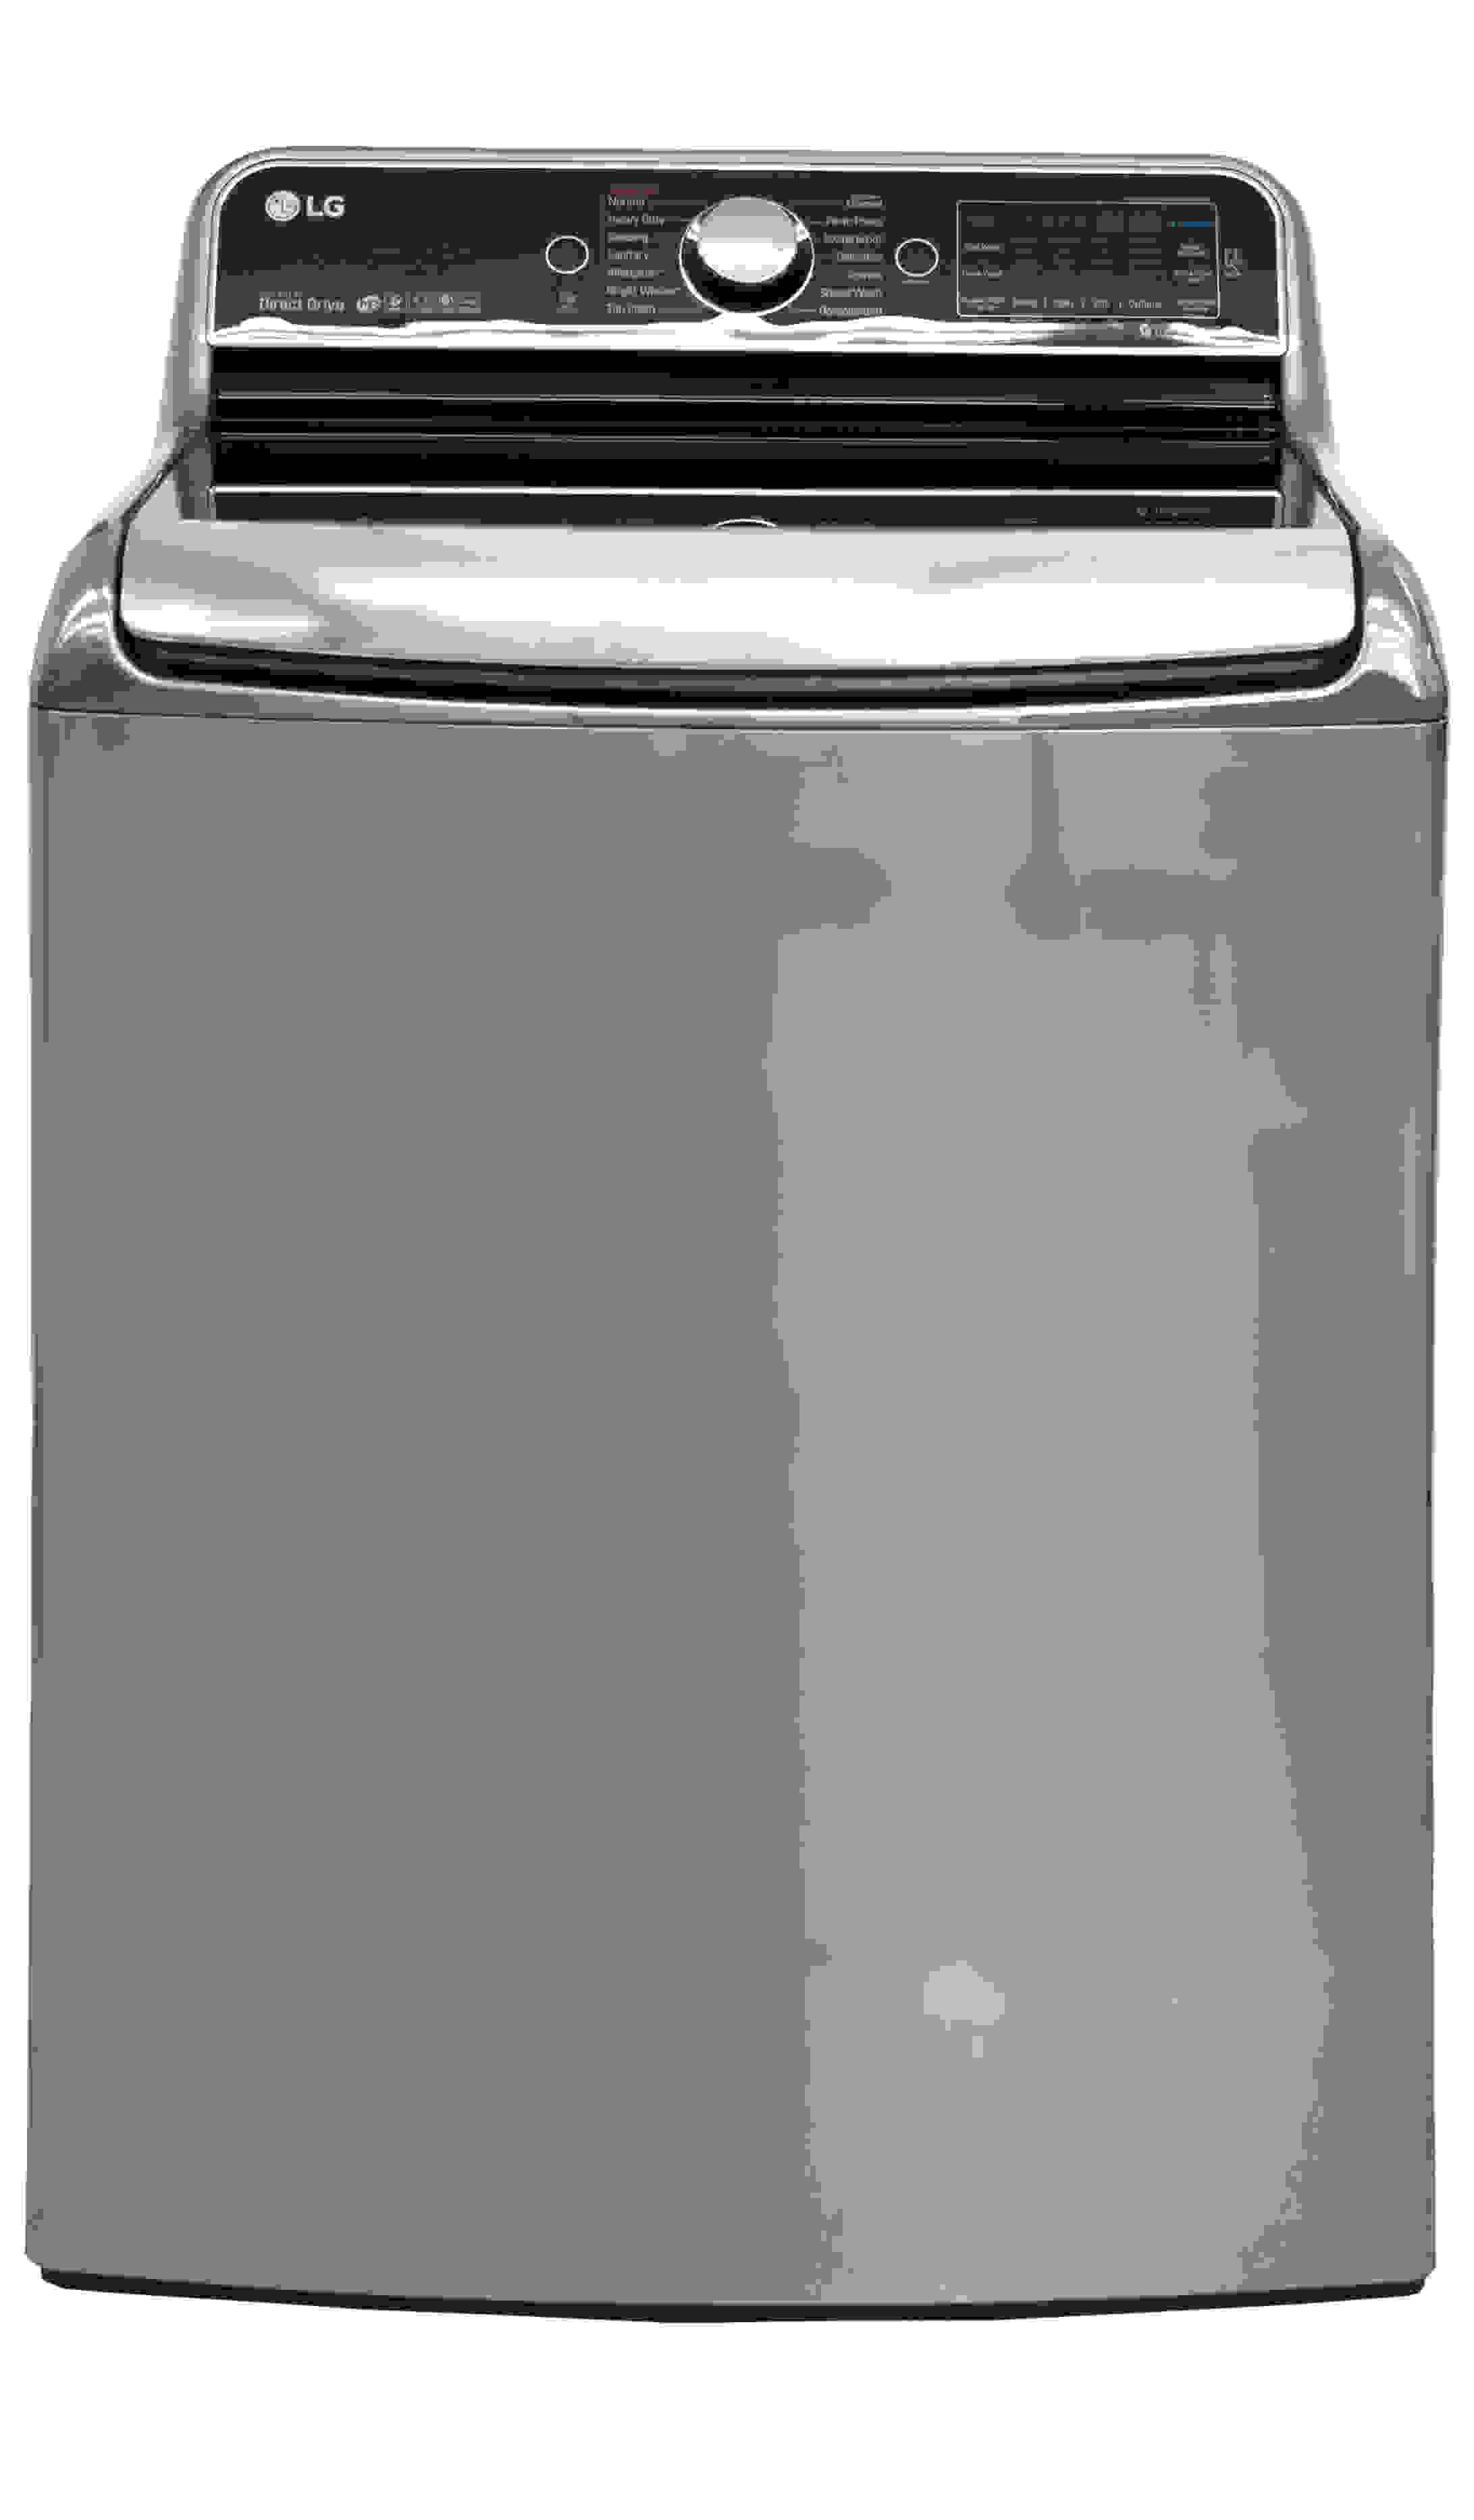 The WT7700HVA keeps the standard LG top loader design.